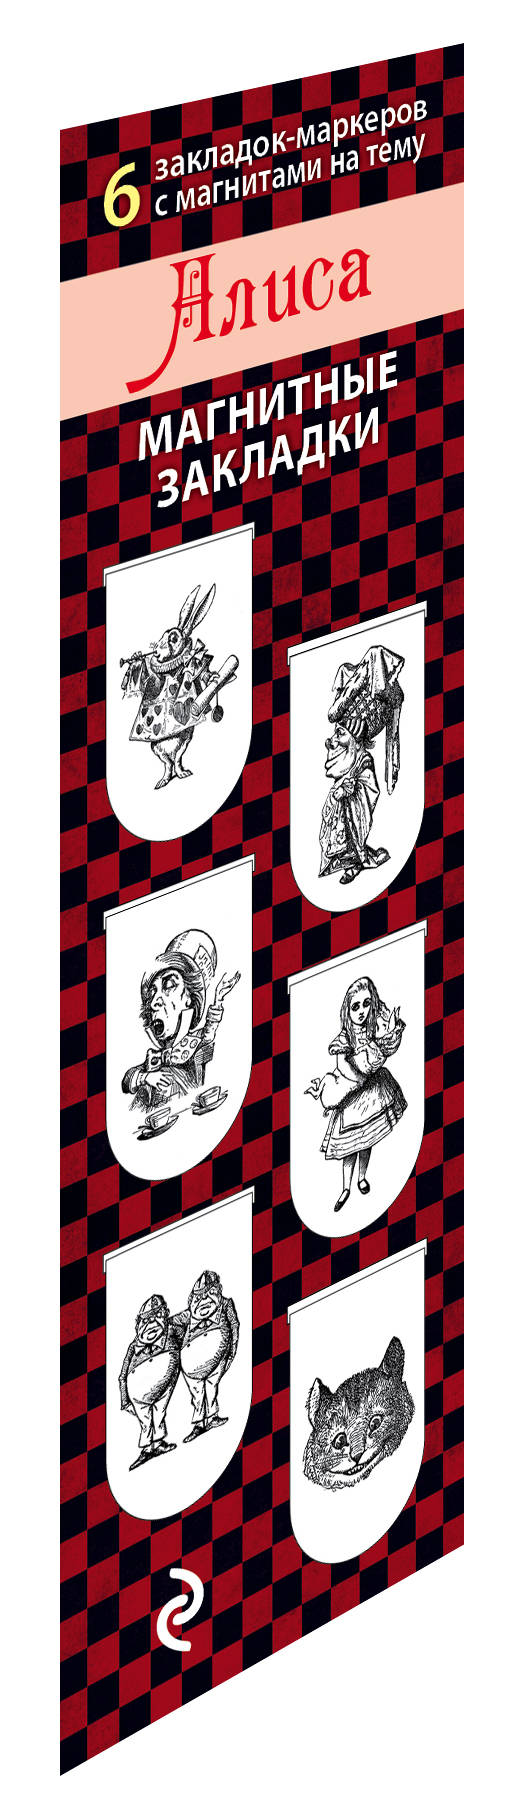 Магнитные закладки. Алиса (6 закладок полукругл.) магнитные закладки совы сладкое утро 6 закладок полукругл